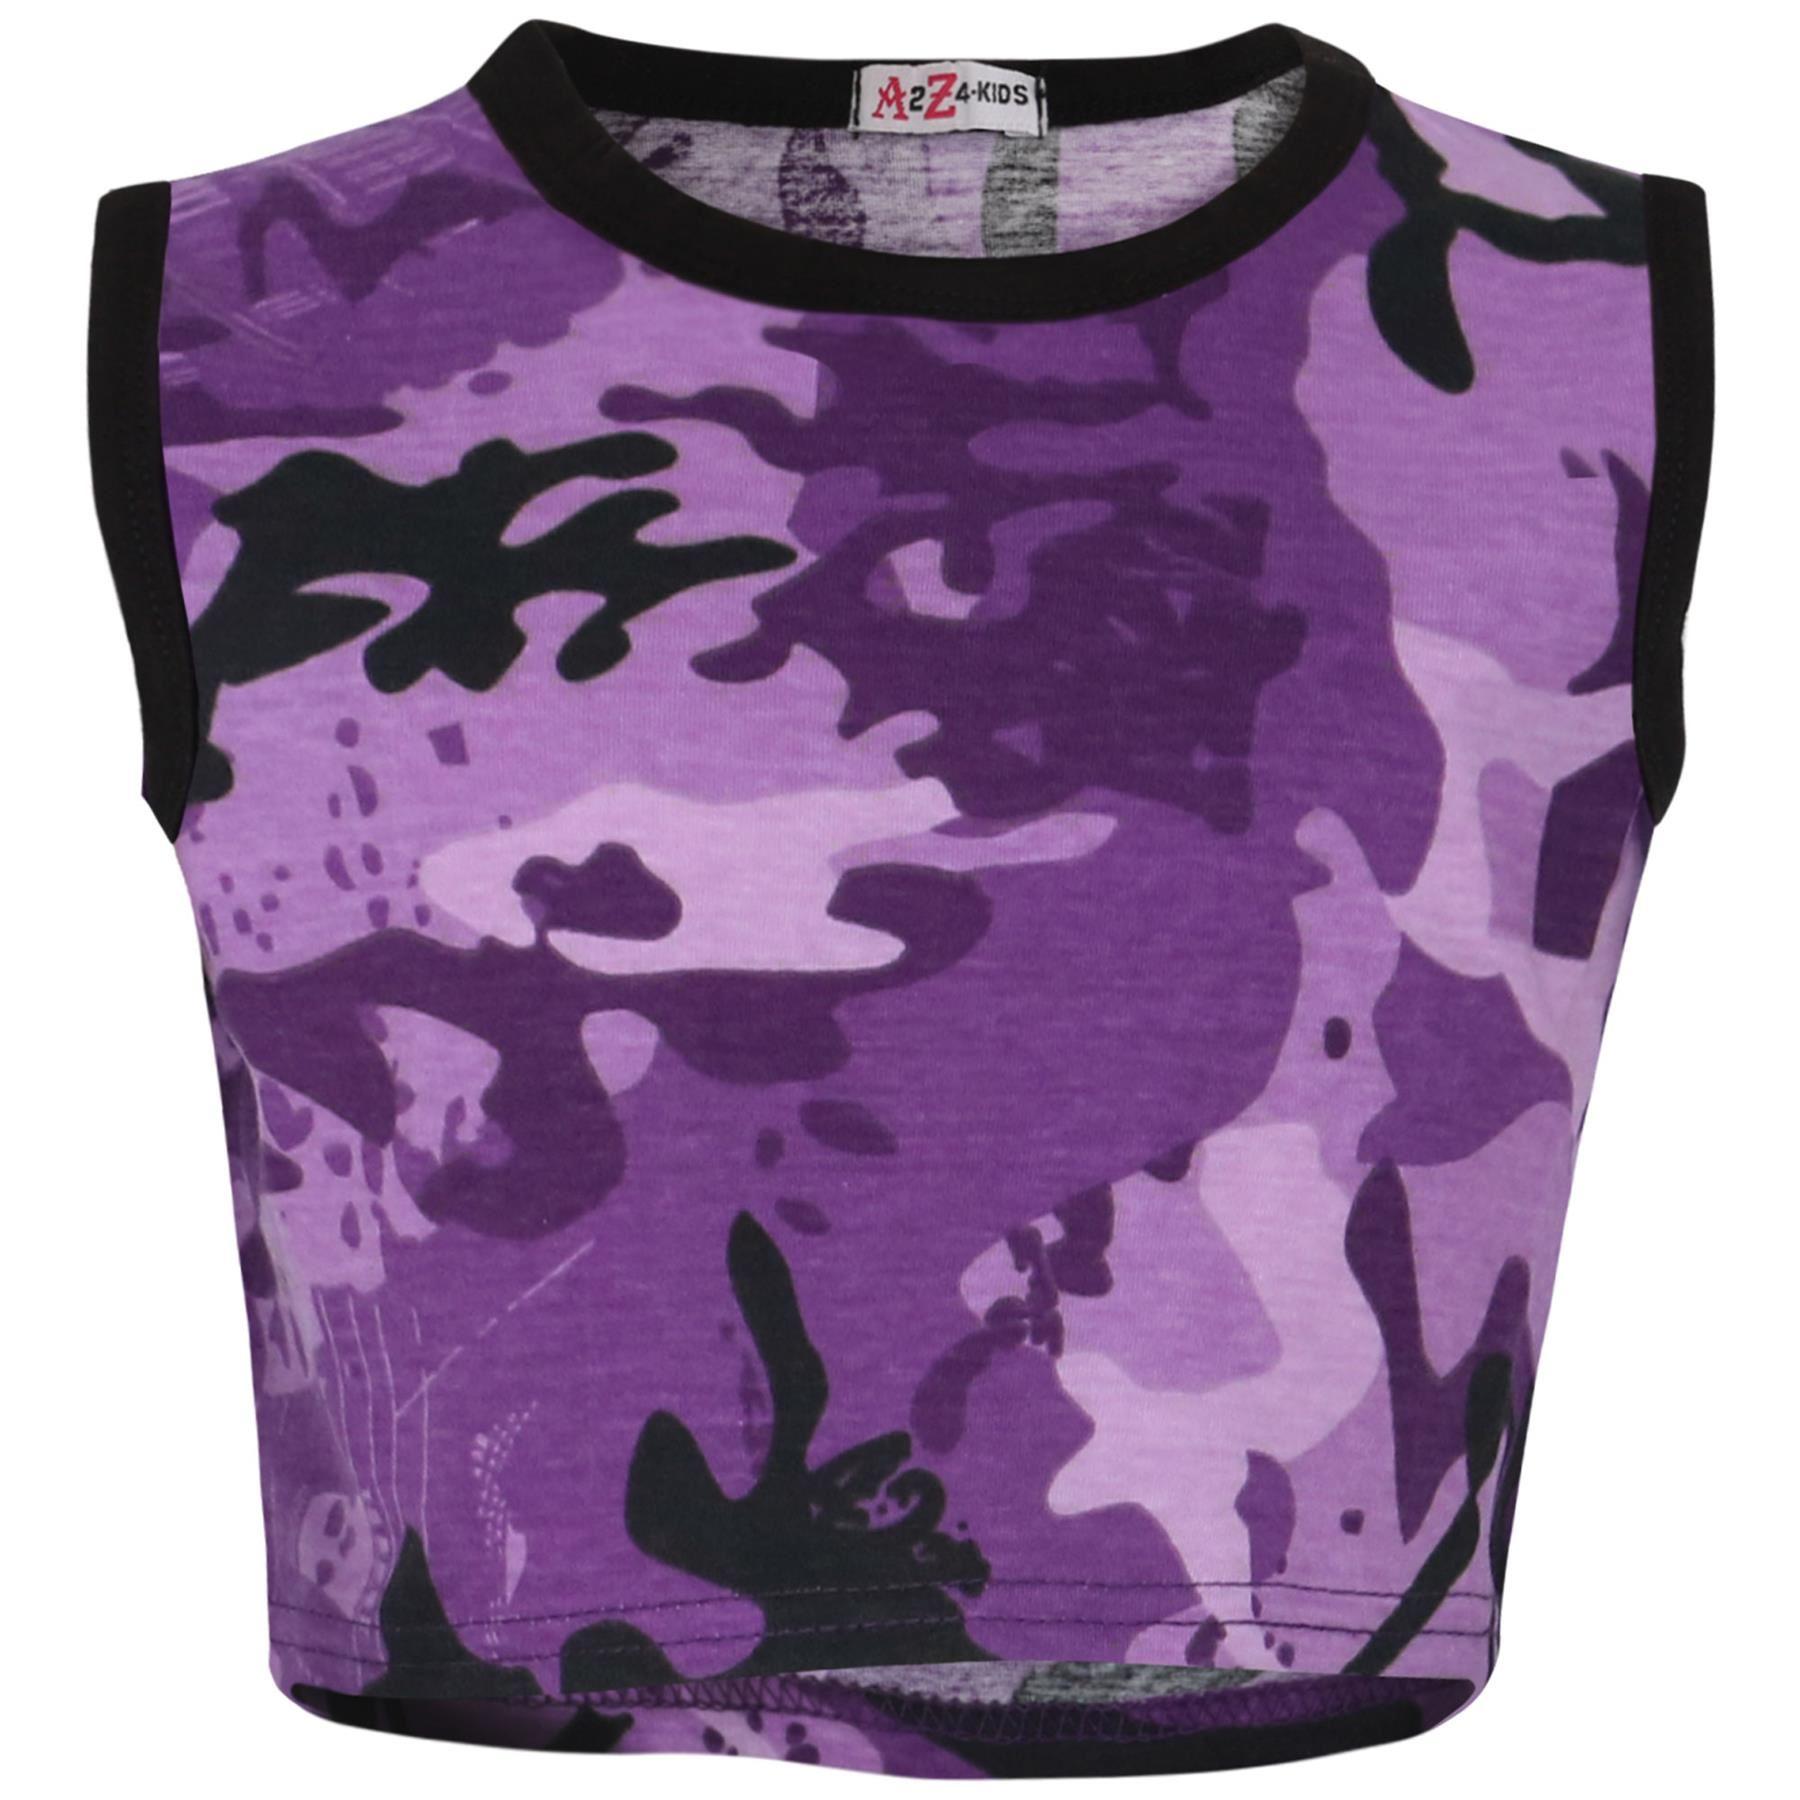 Enfants Filles Garçons T Shirt 100/% Coton Contraste avec empiècements Summer Top Short Set 5-13